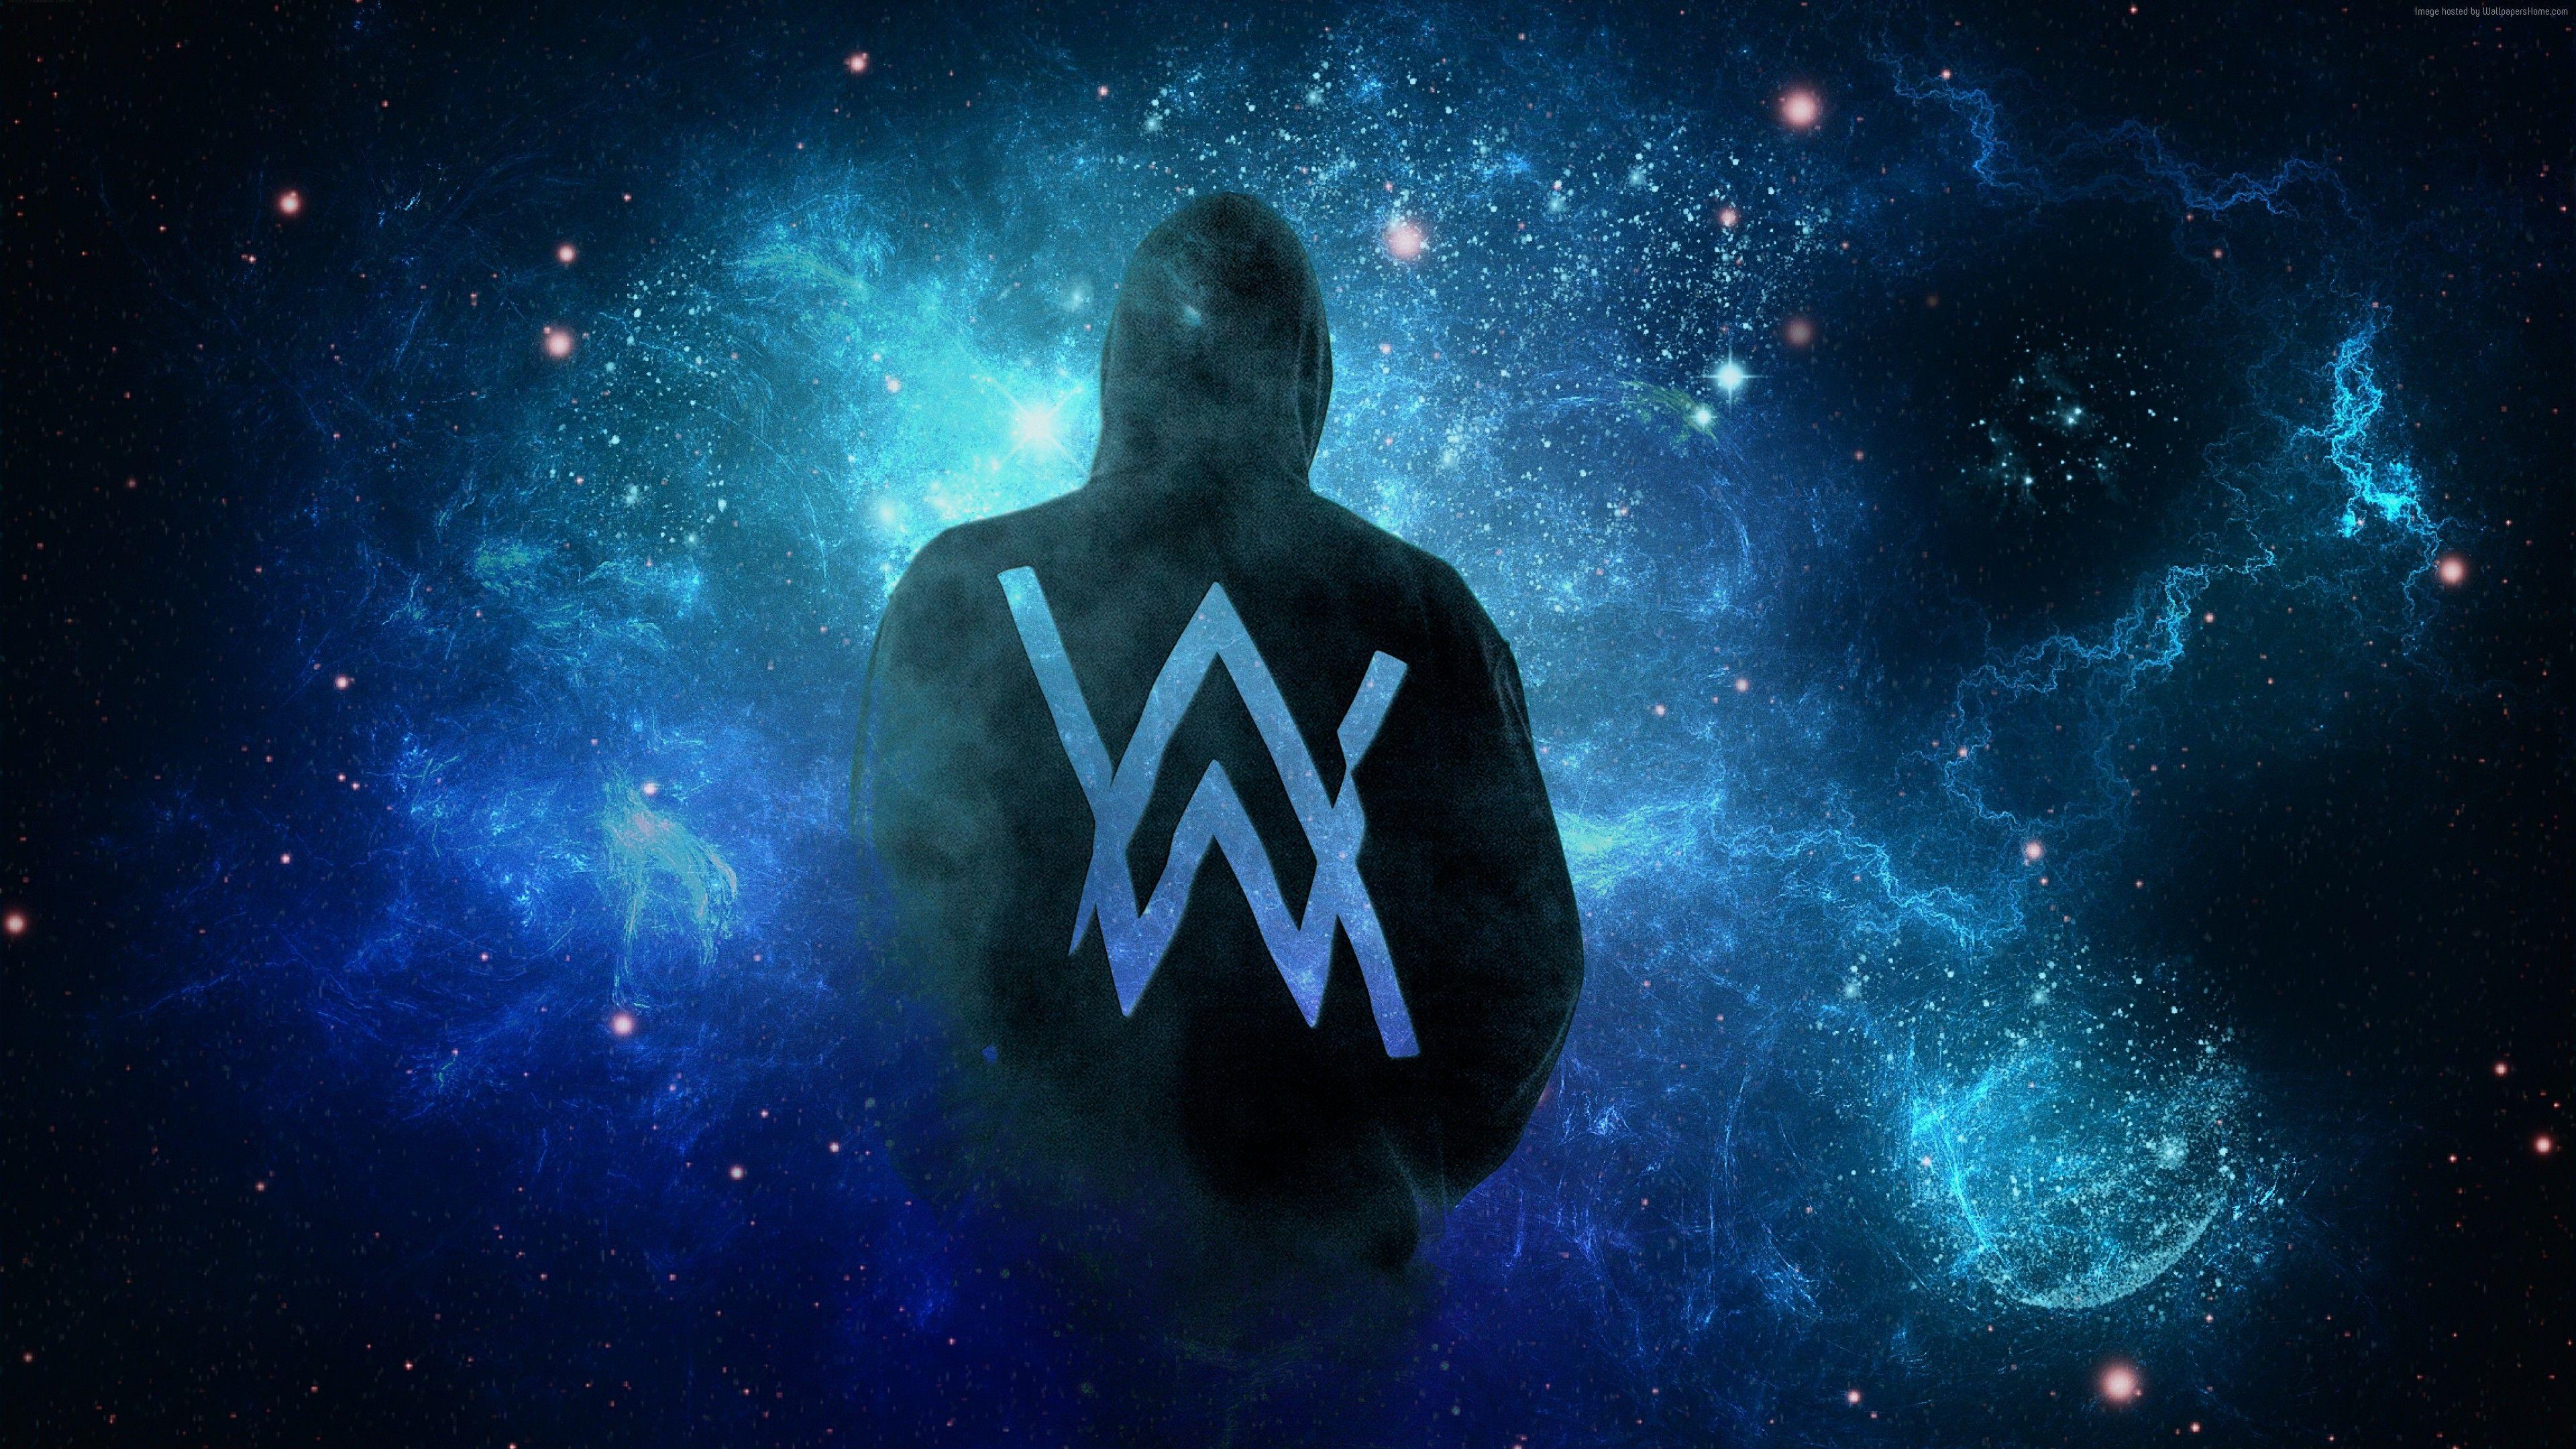 Wallpaper Alan Walker Top Music Artist And Bands Musician Music